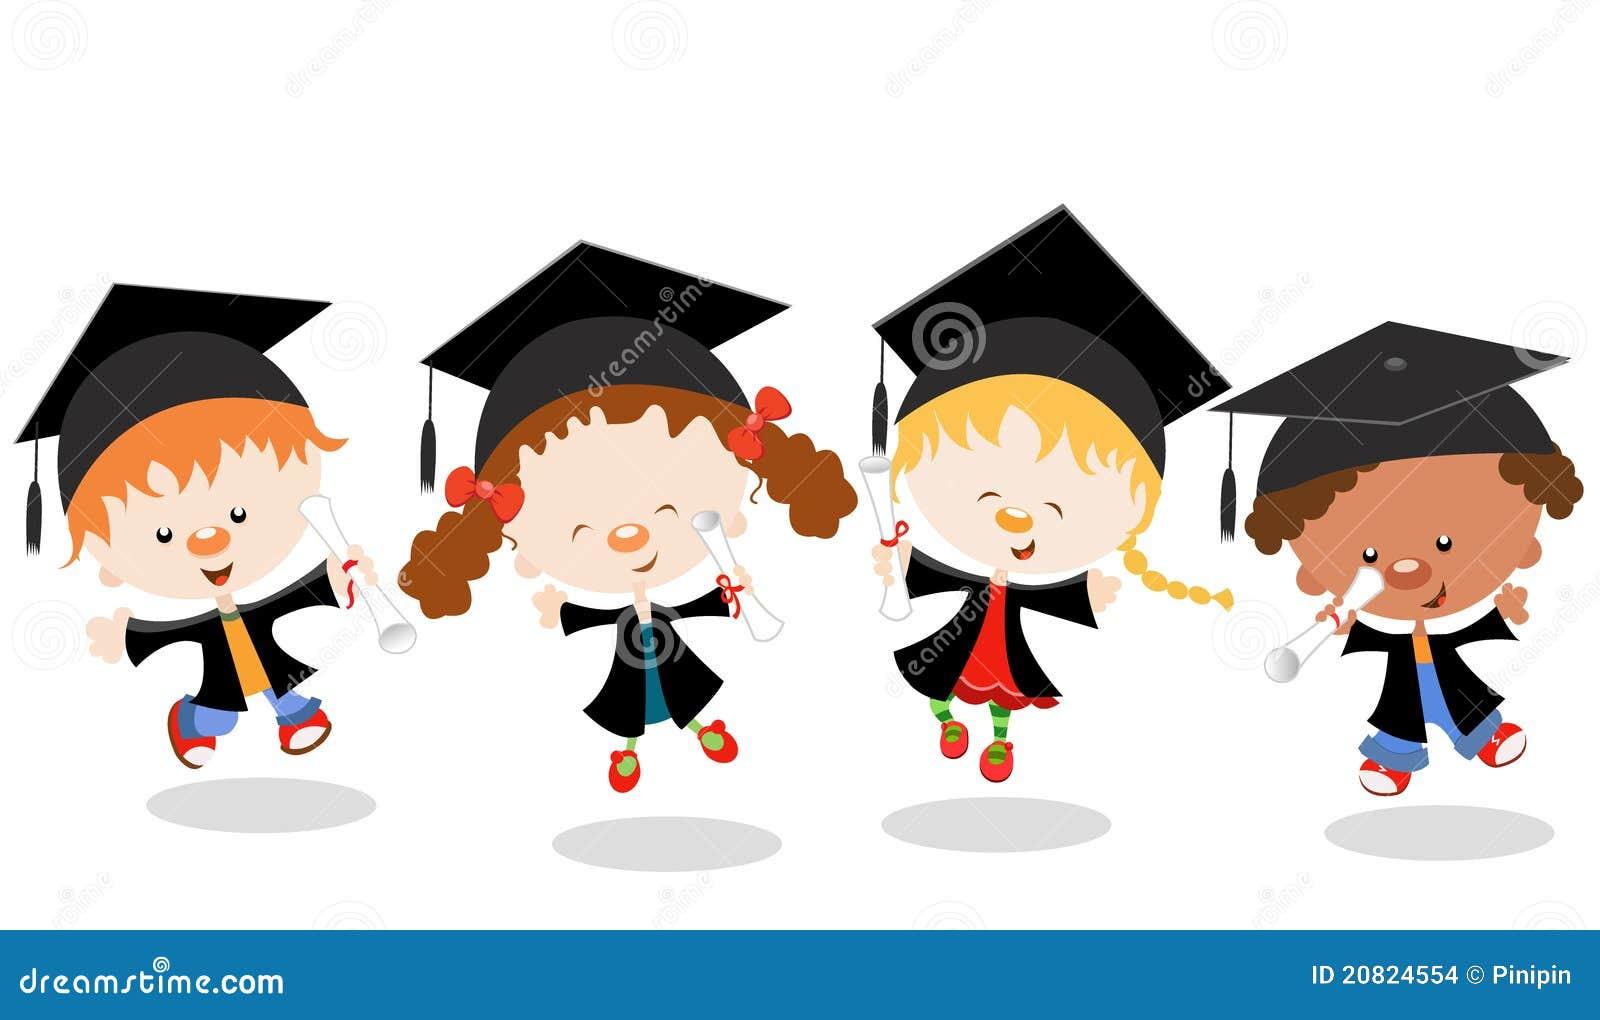 Dibujo De Graduados De Primaria | MEJOR CONJUNTO DE FRASES